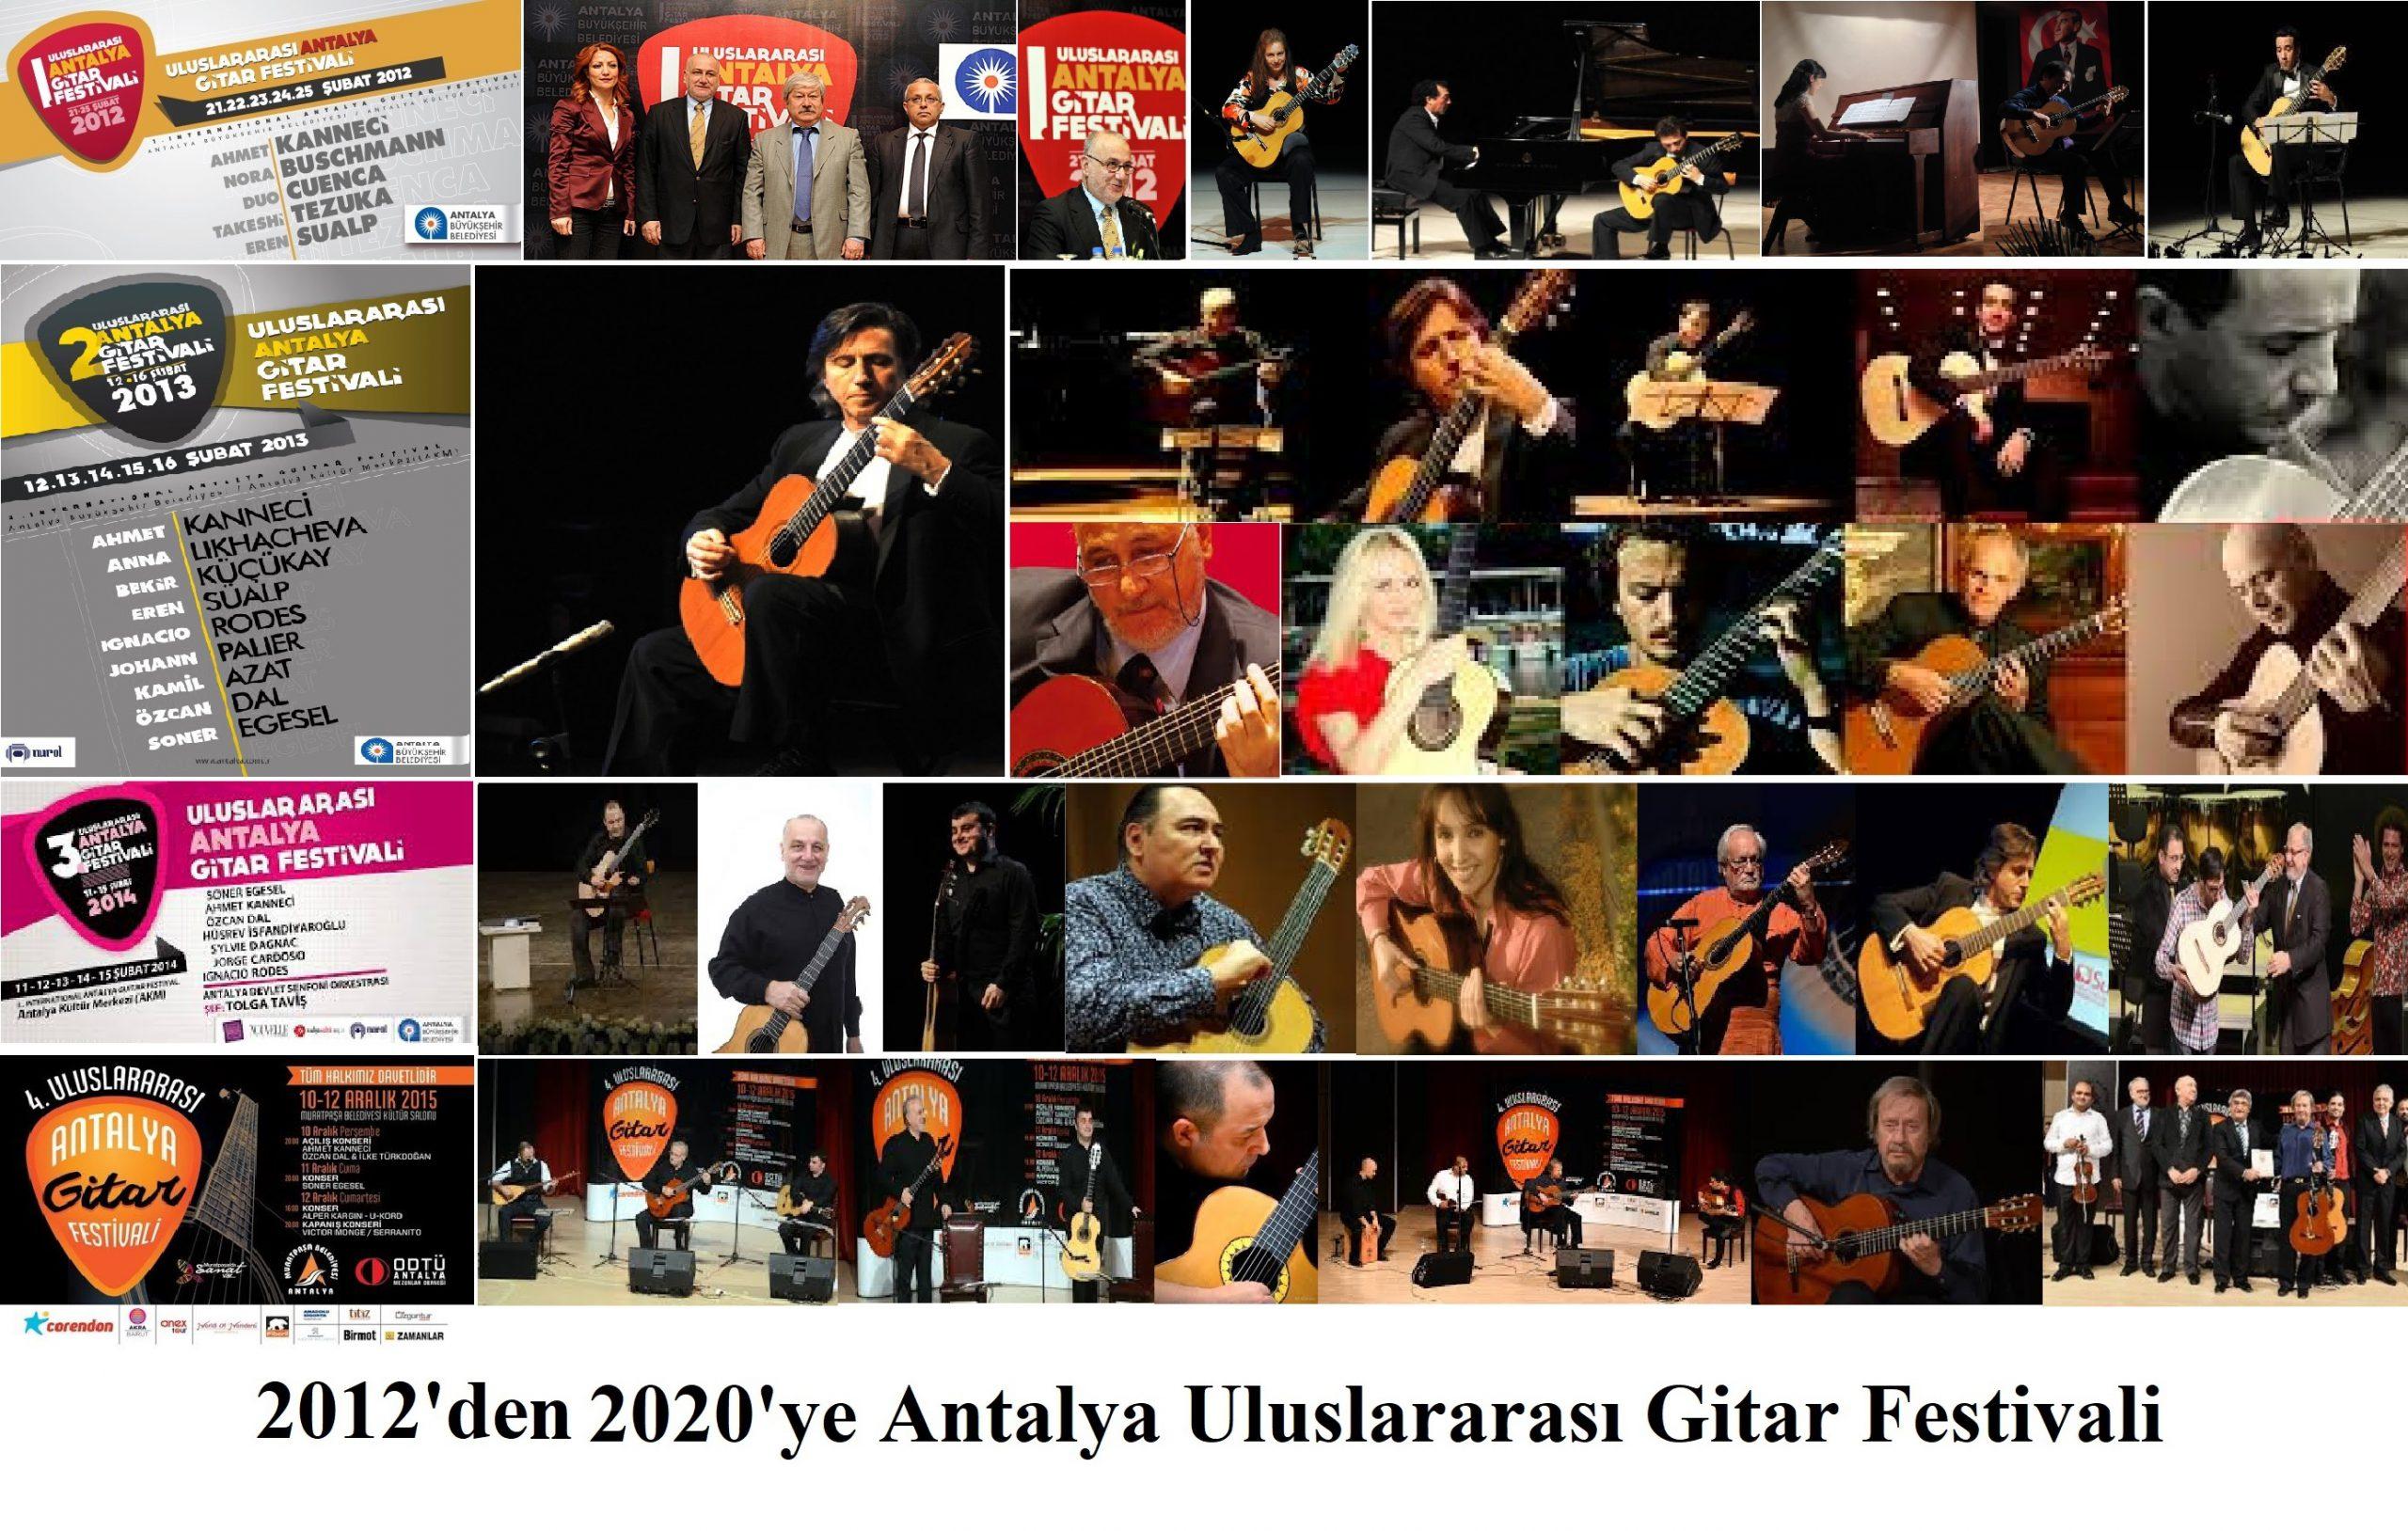 Uluslararası Gitar Festivali Antalya'ya Çok Yakışıyor 2012-2020 (I. Bölüm)